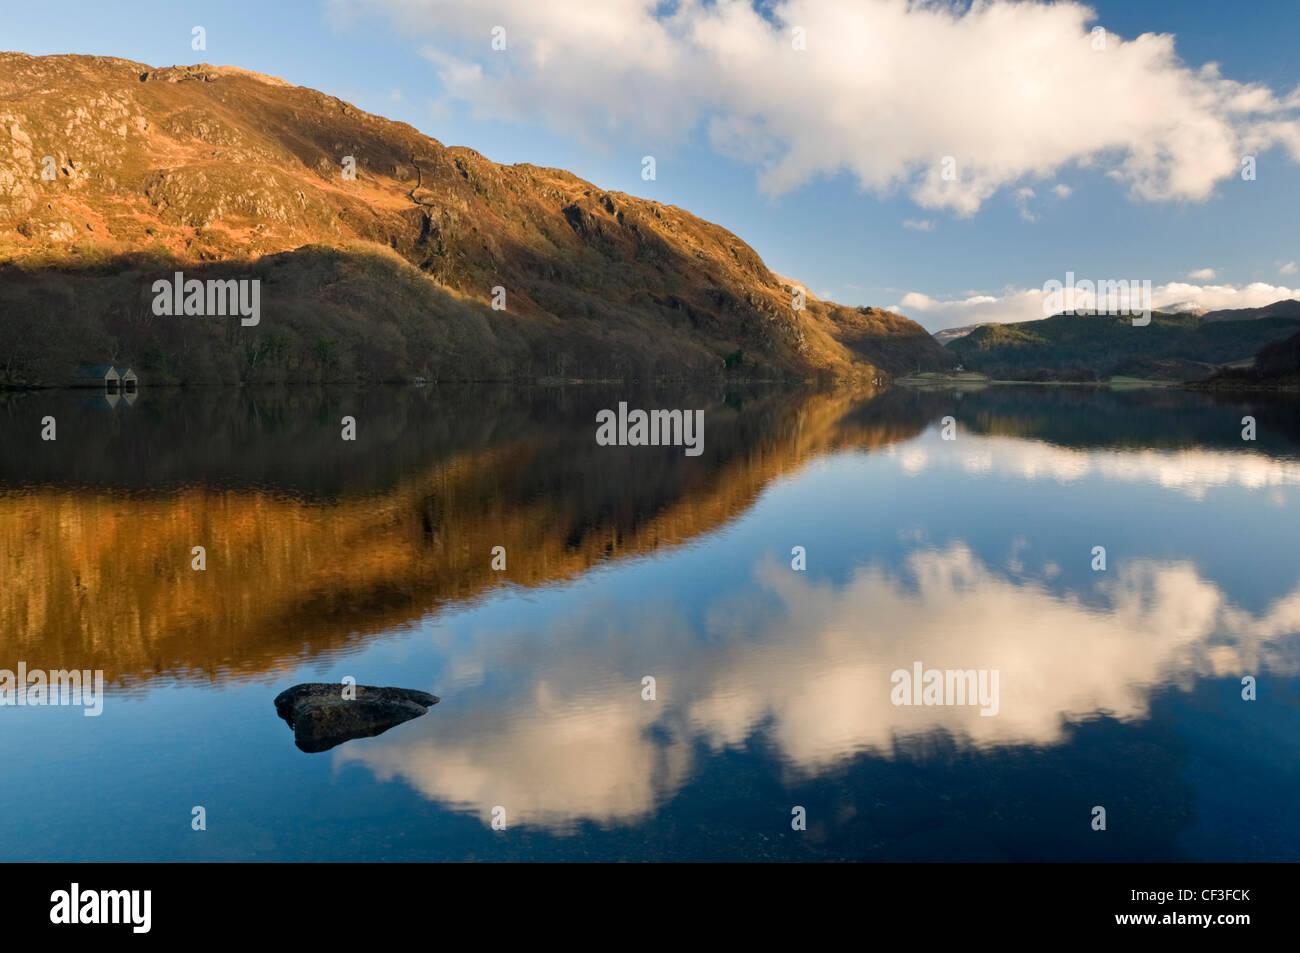 Le ciel reflète dans Llyn Dinas lac dans la vallée de Nant Gwynant. Photo Stock